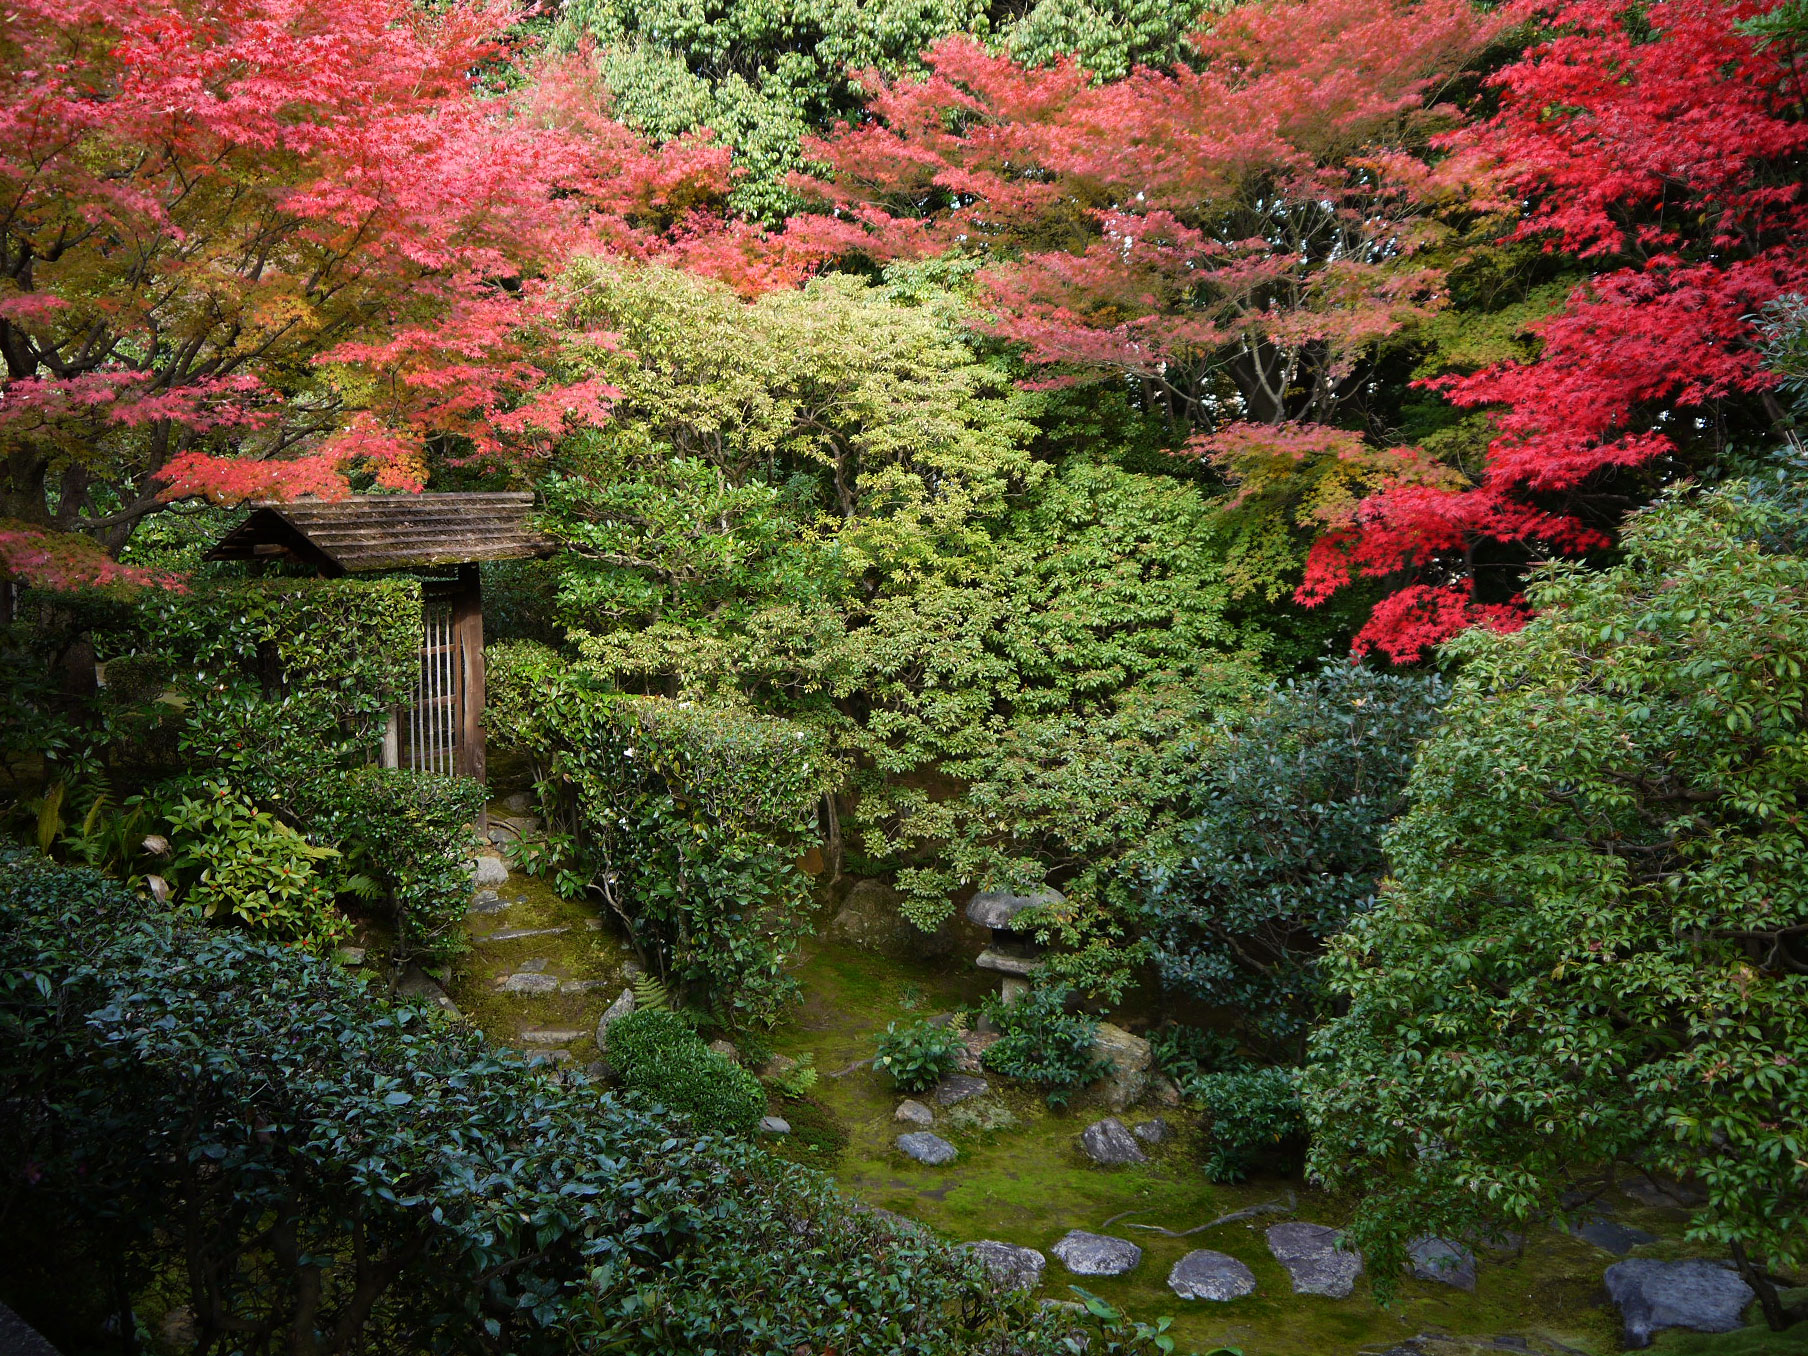 妙心寺桂春院の紅葉